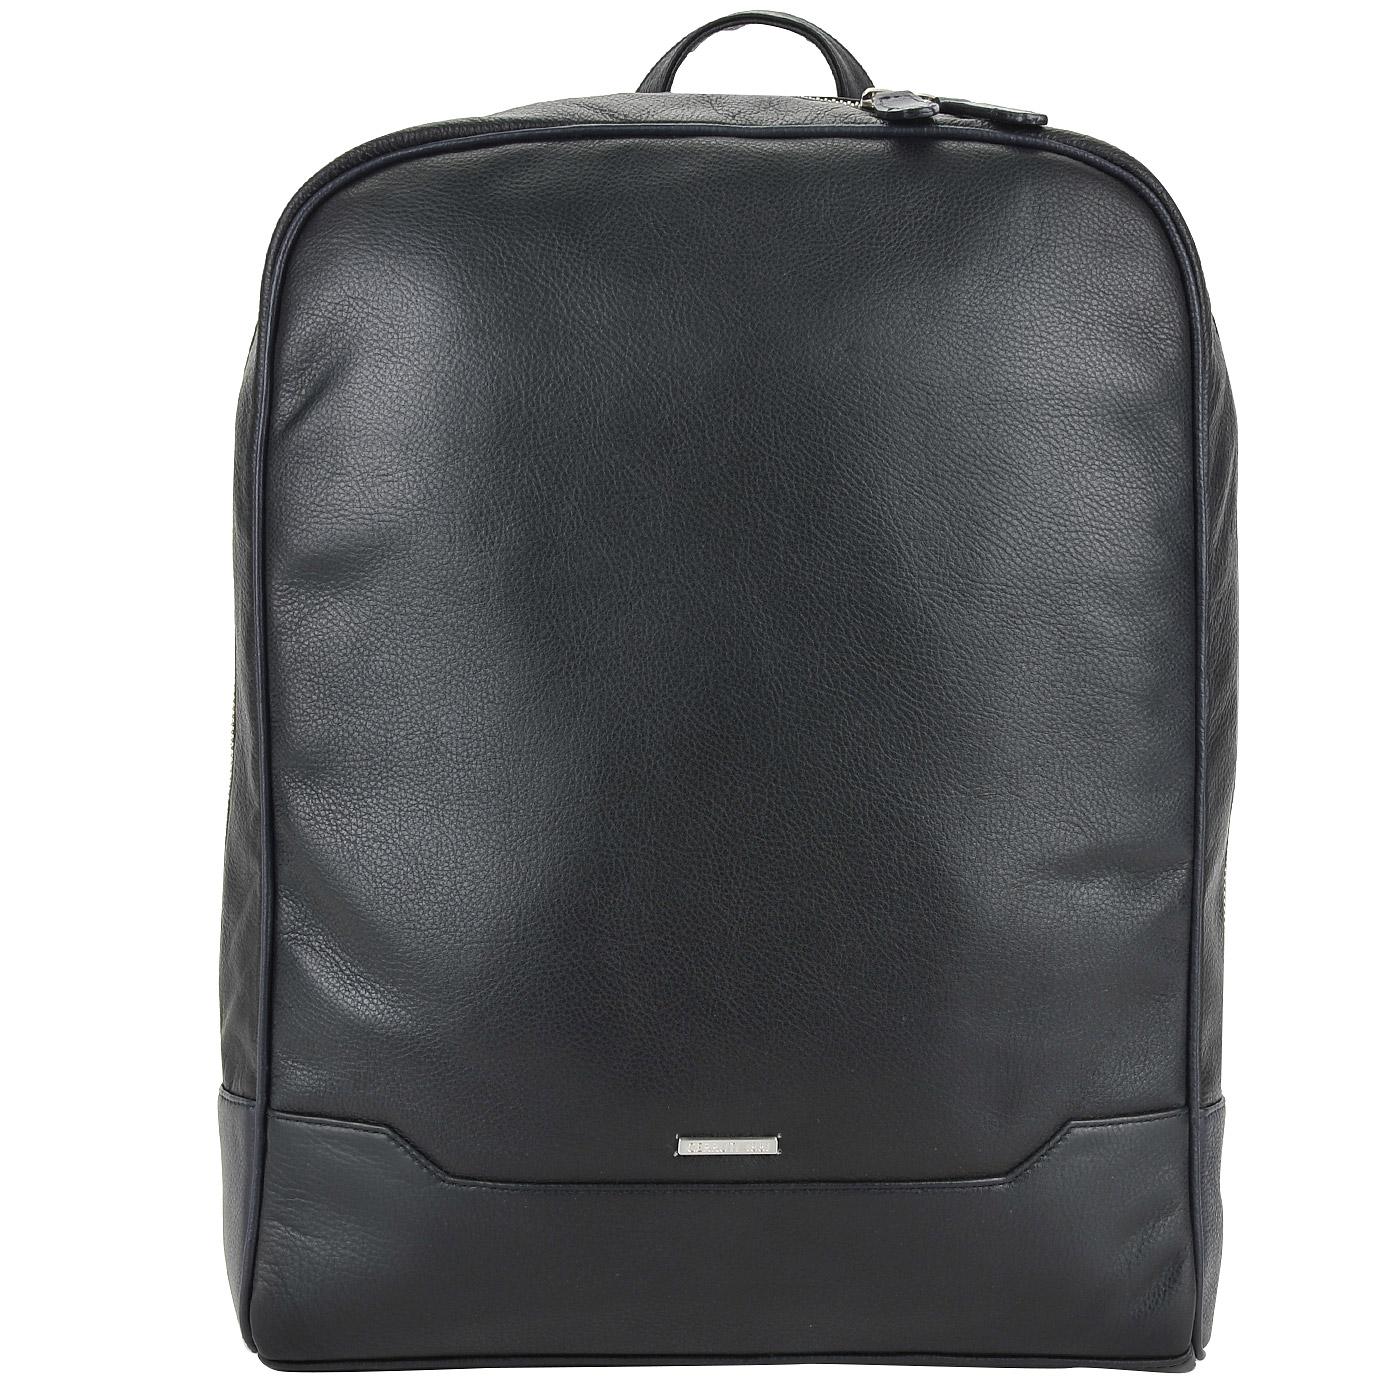 Бизнес рюкзаки купить в спб billabong рюкзак deploy backpack